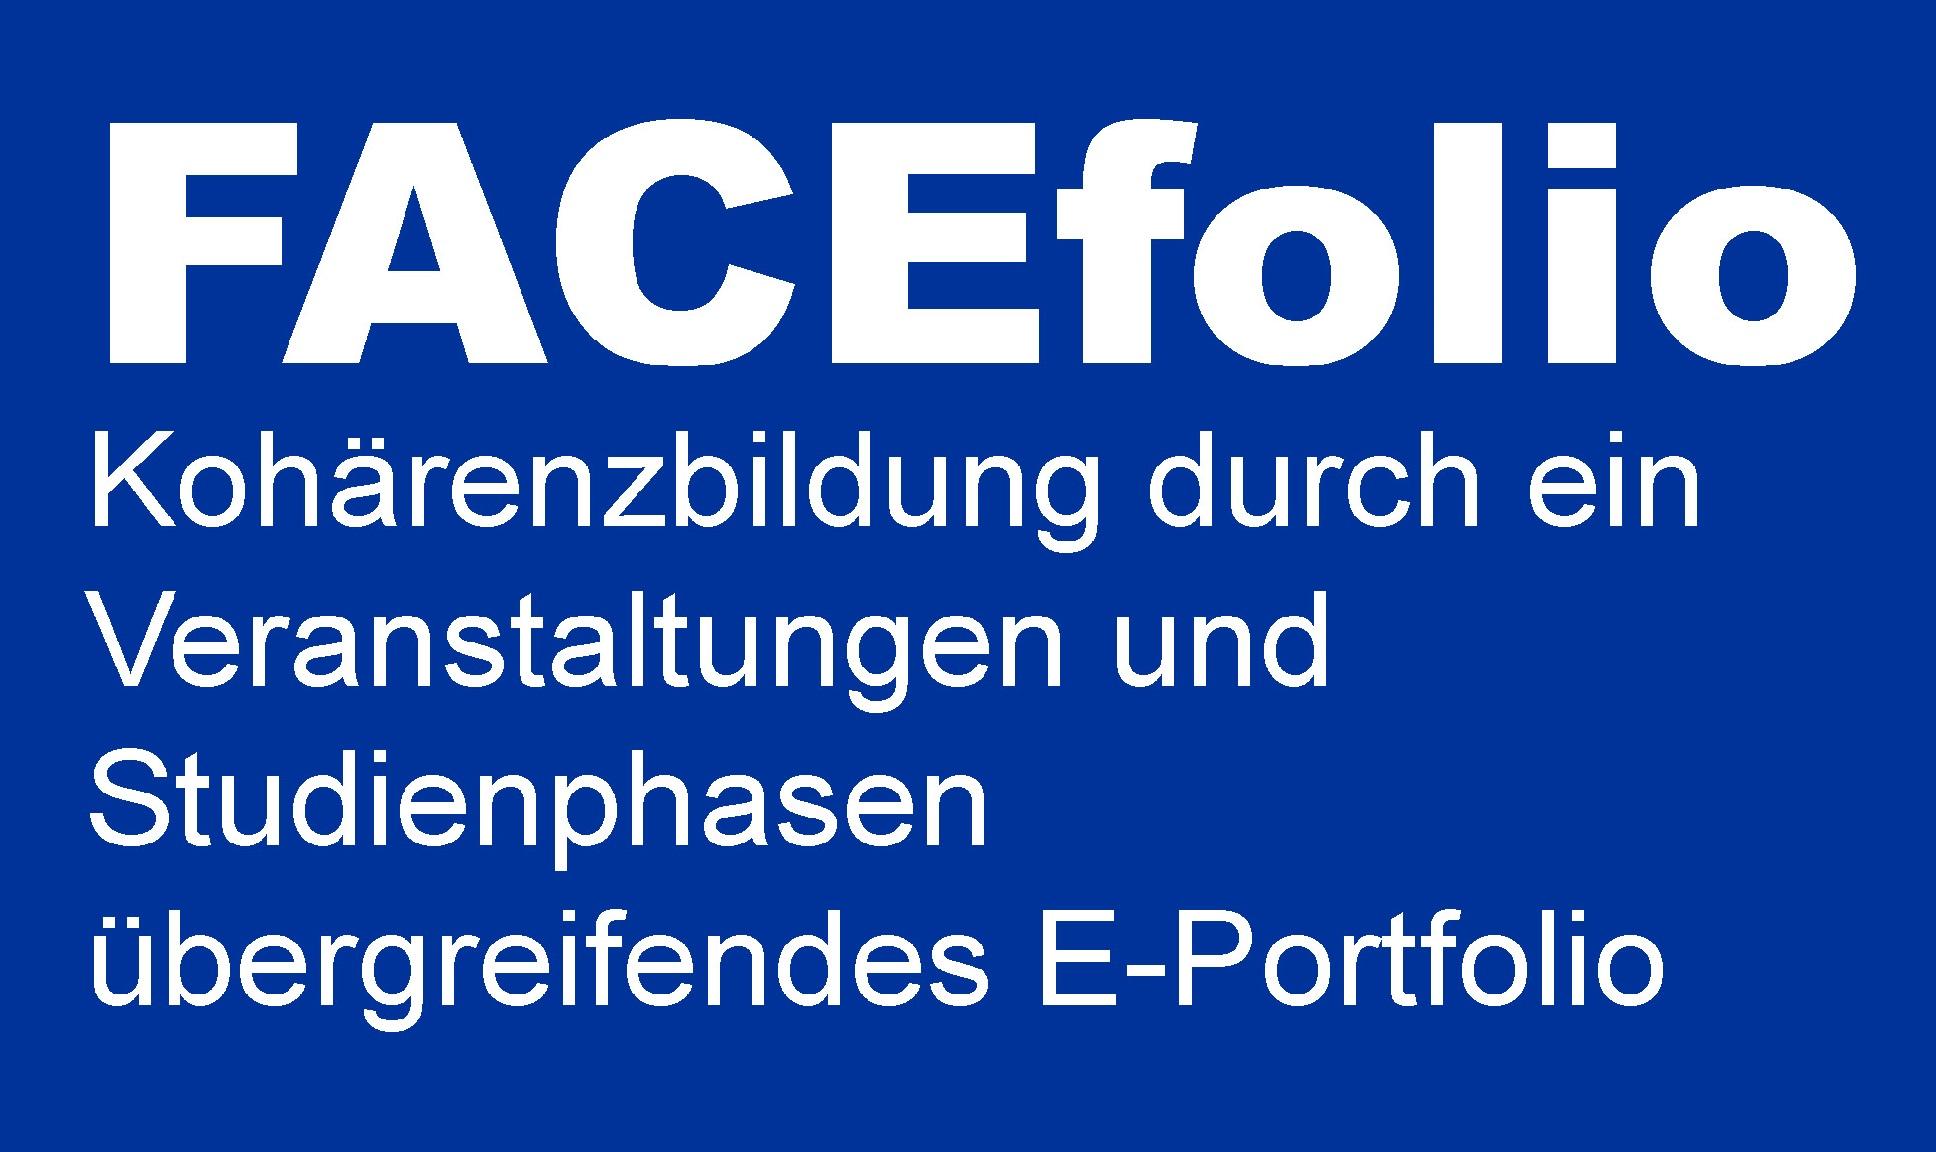 FACEfolio - Kohärenzbildung durch ein Veranstaltungen und Studienphasen übergreifendes E-Portfolio